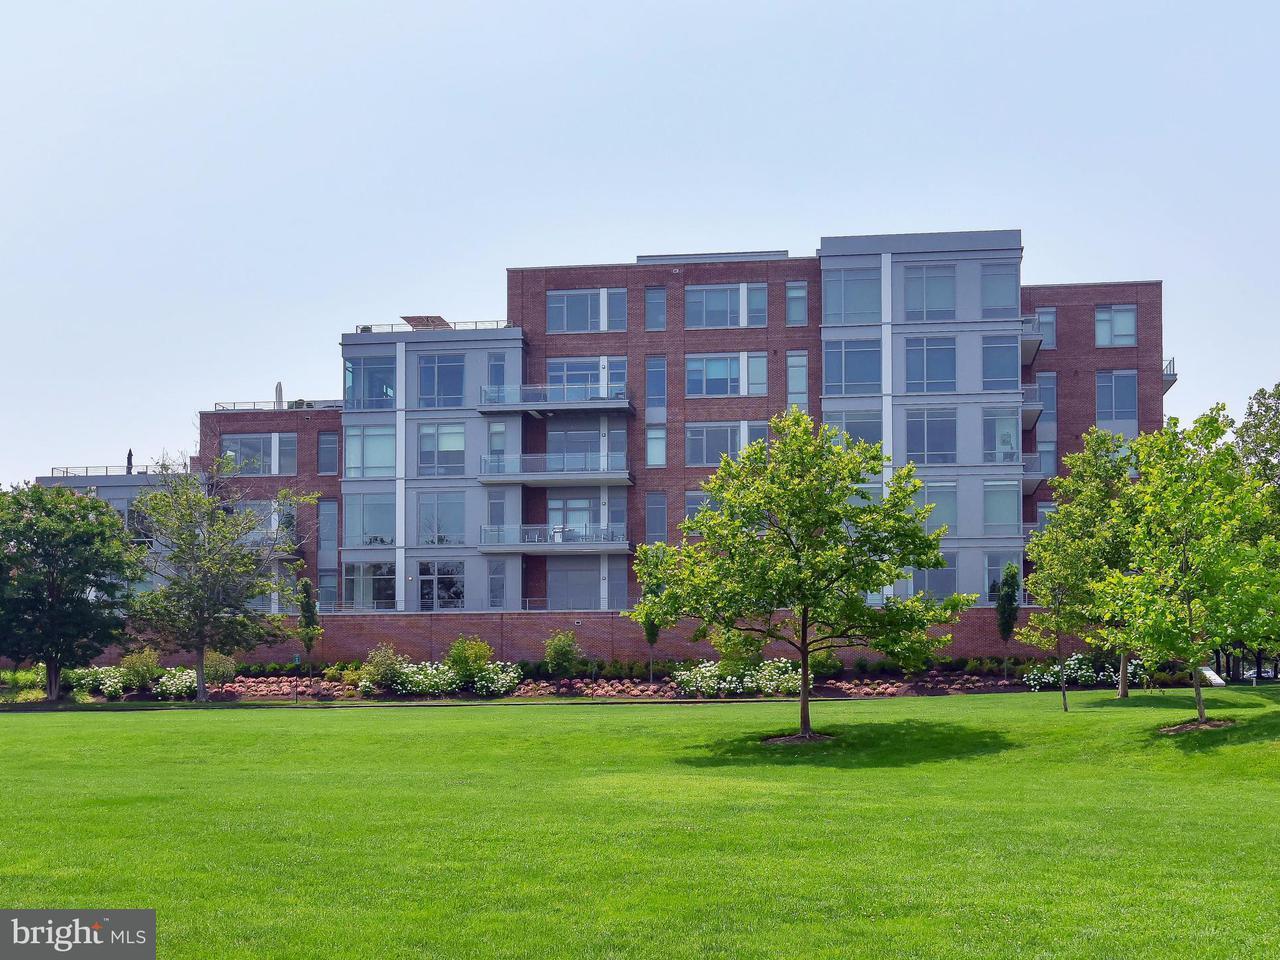 Eigentumswohnung für Verkauf beim 601 N. Fairfax St #216 601 N. Fairfax St #216 Alexandria, Virginia 22314 Vereinigte Staaten